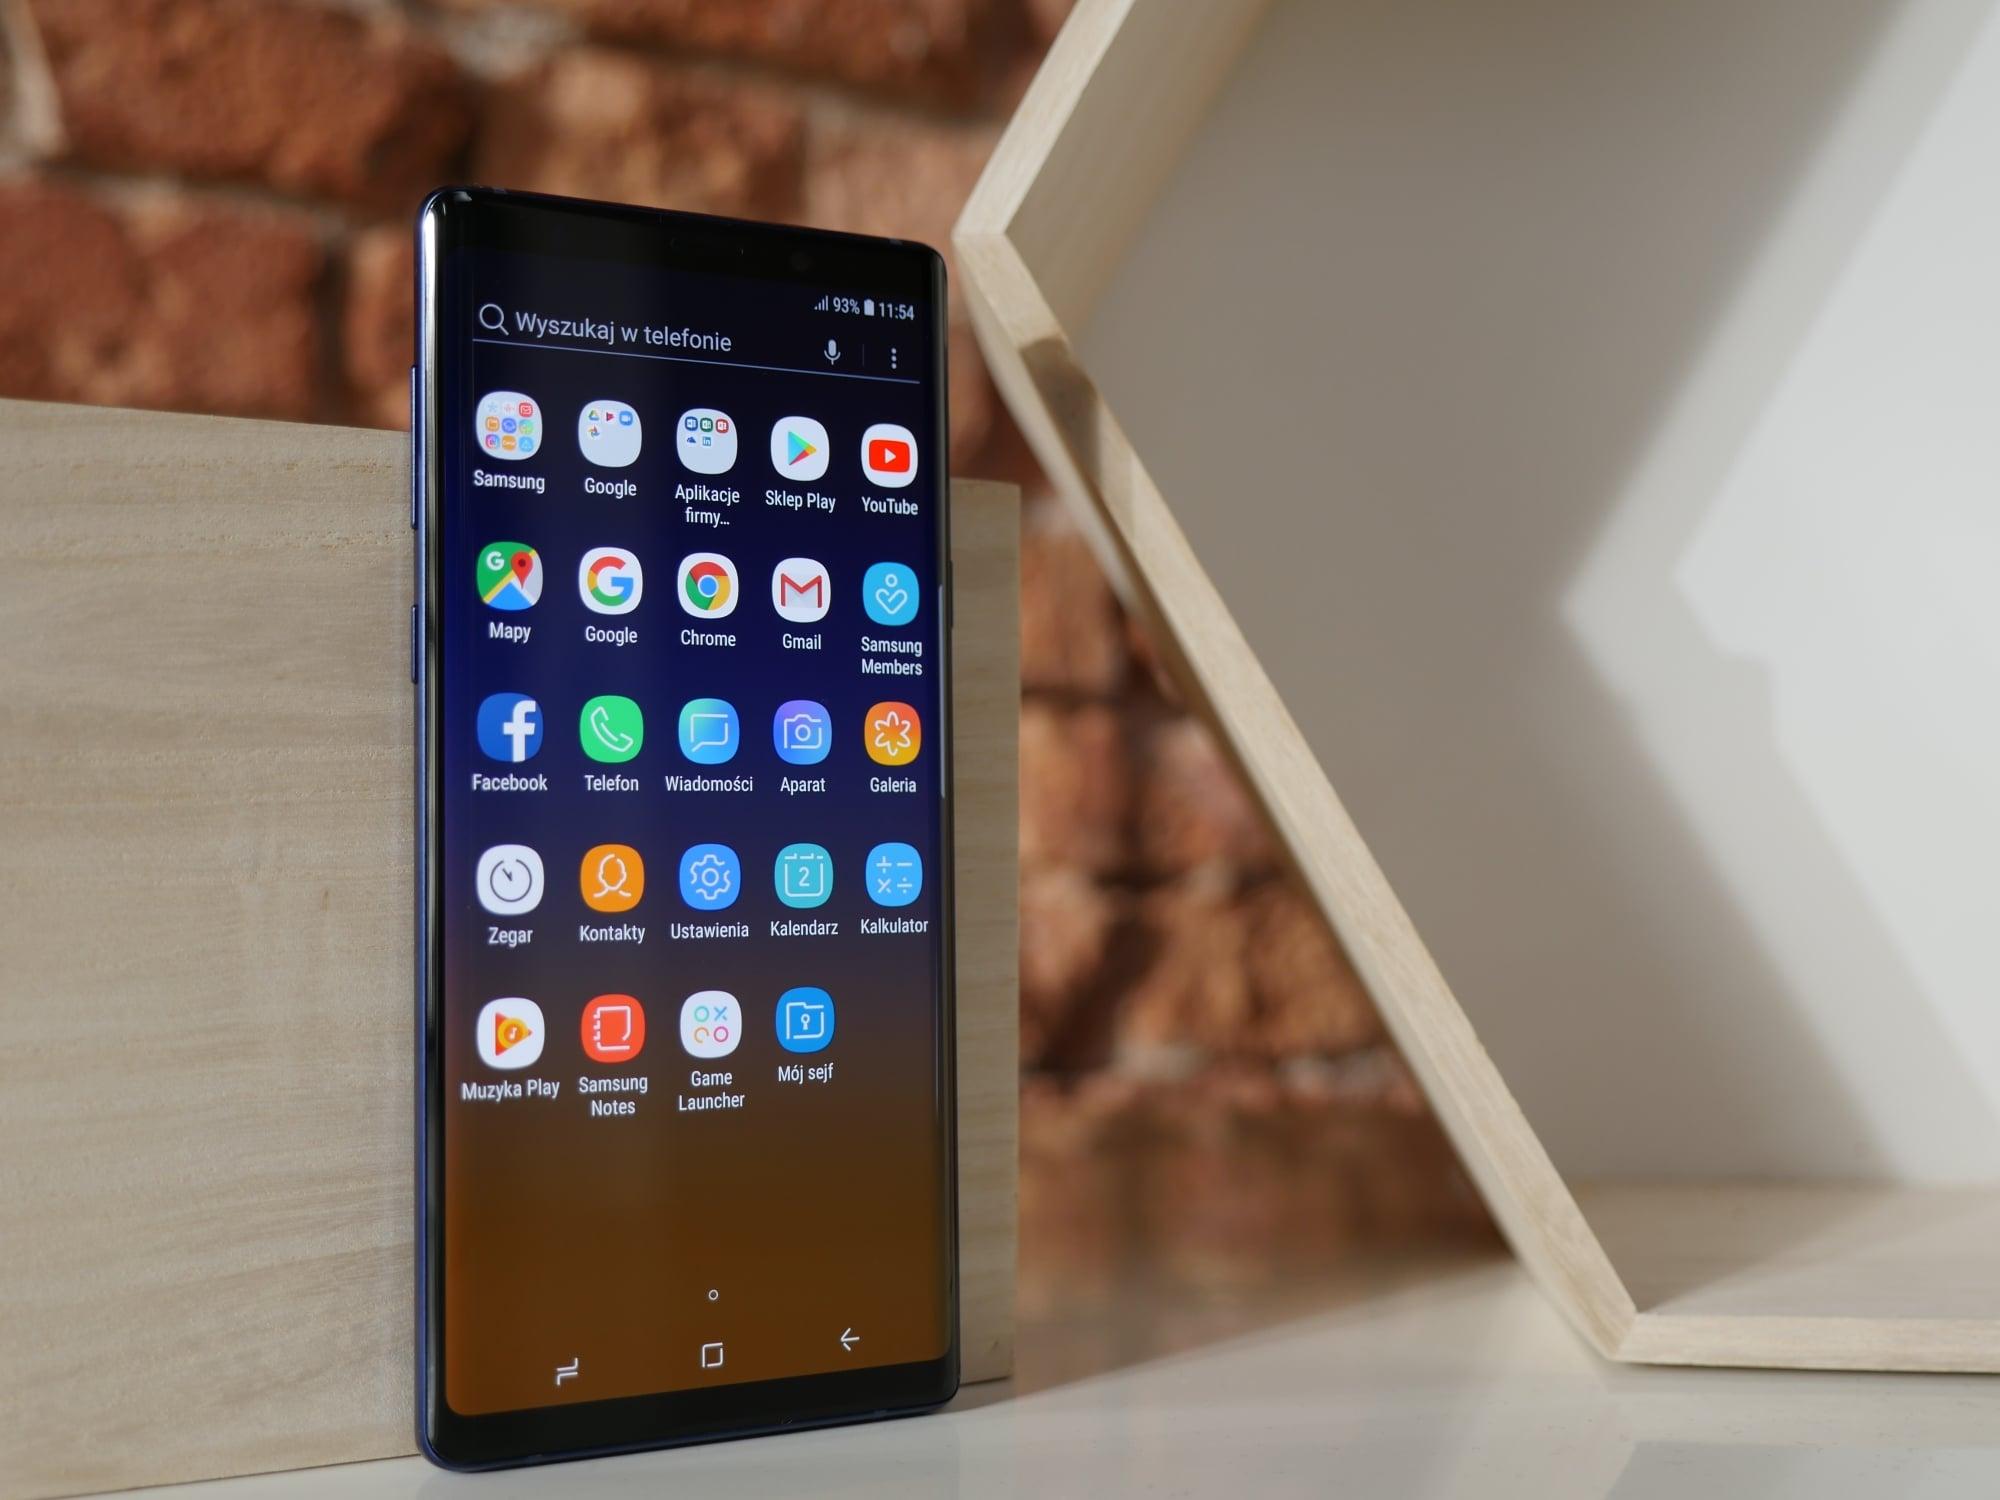 Recenzja Samsunga Galaxy Note 9. Jedni twierdzą, że nudny, inni - że prawie idealny. To jak to w końcu jest?